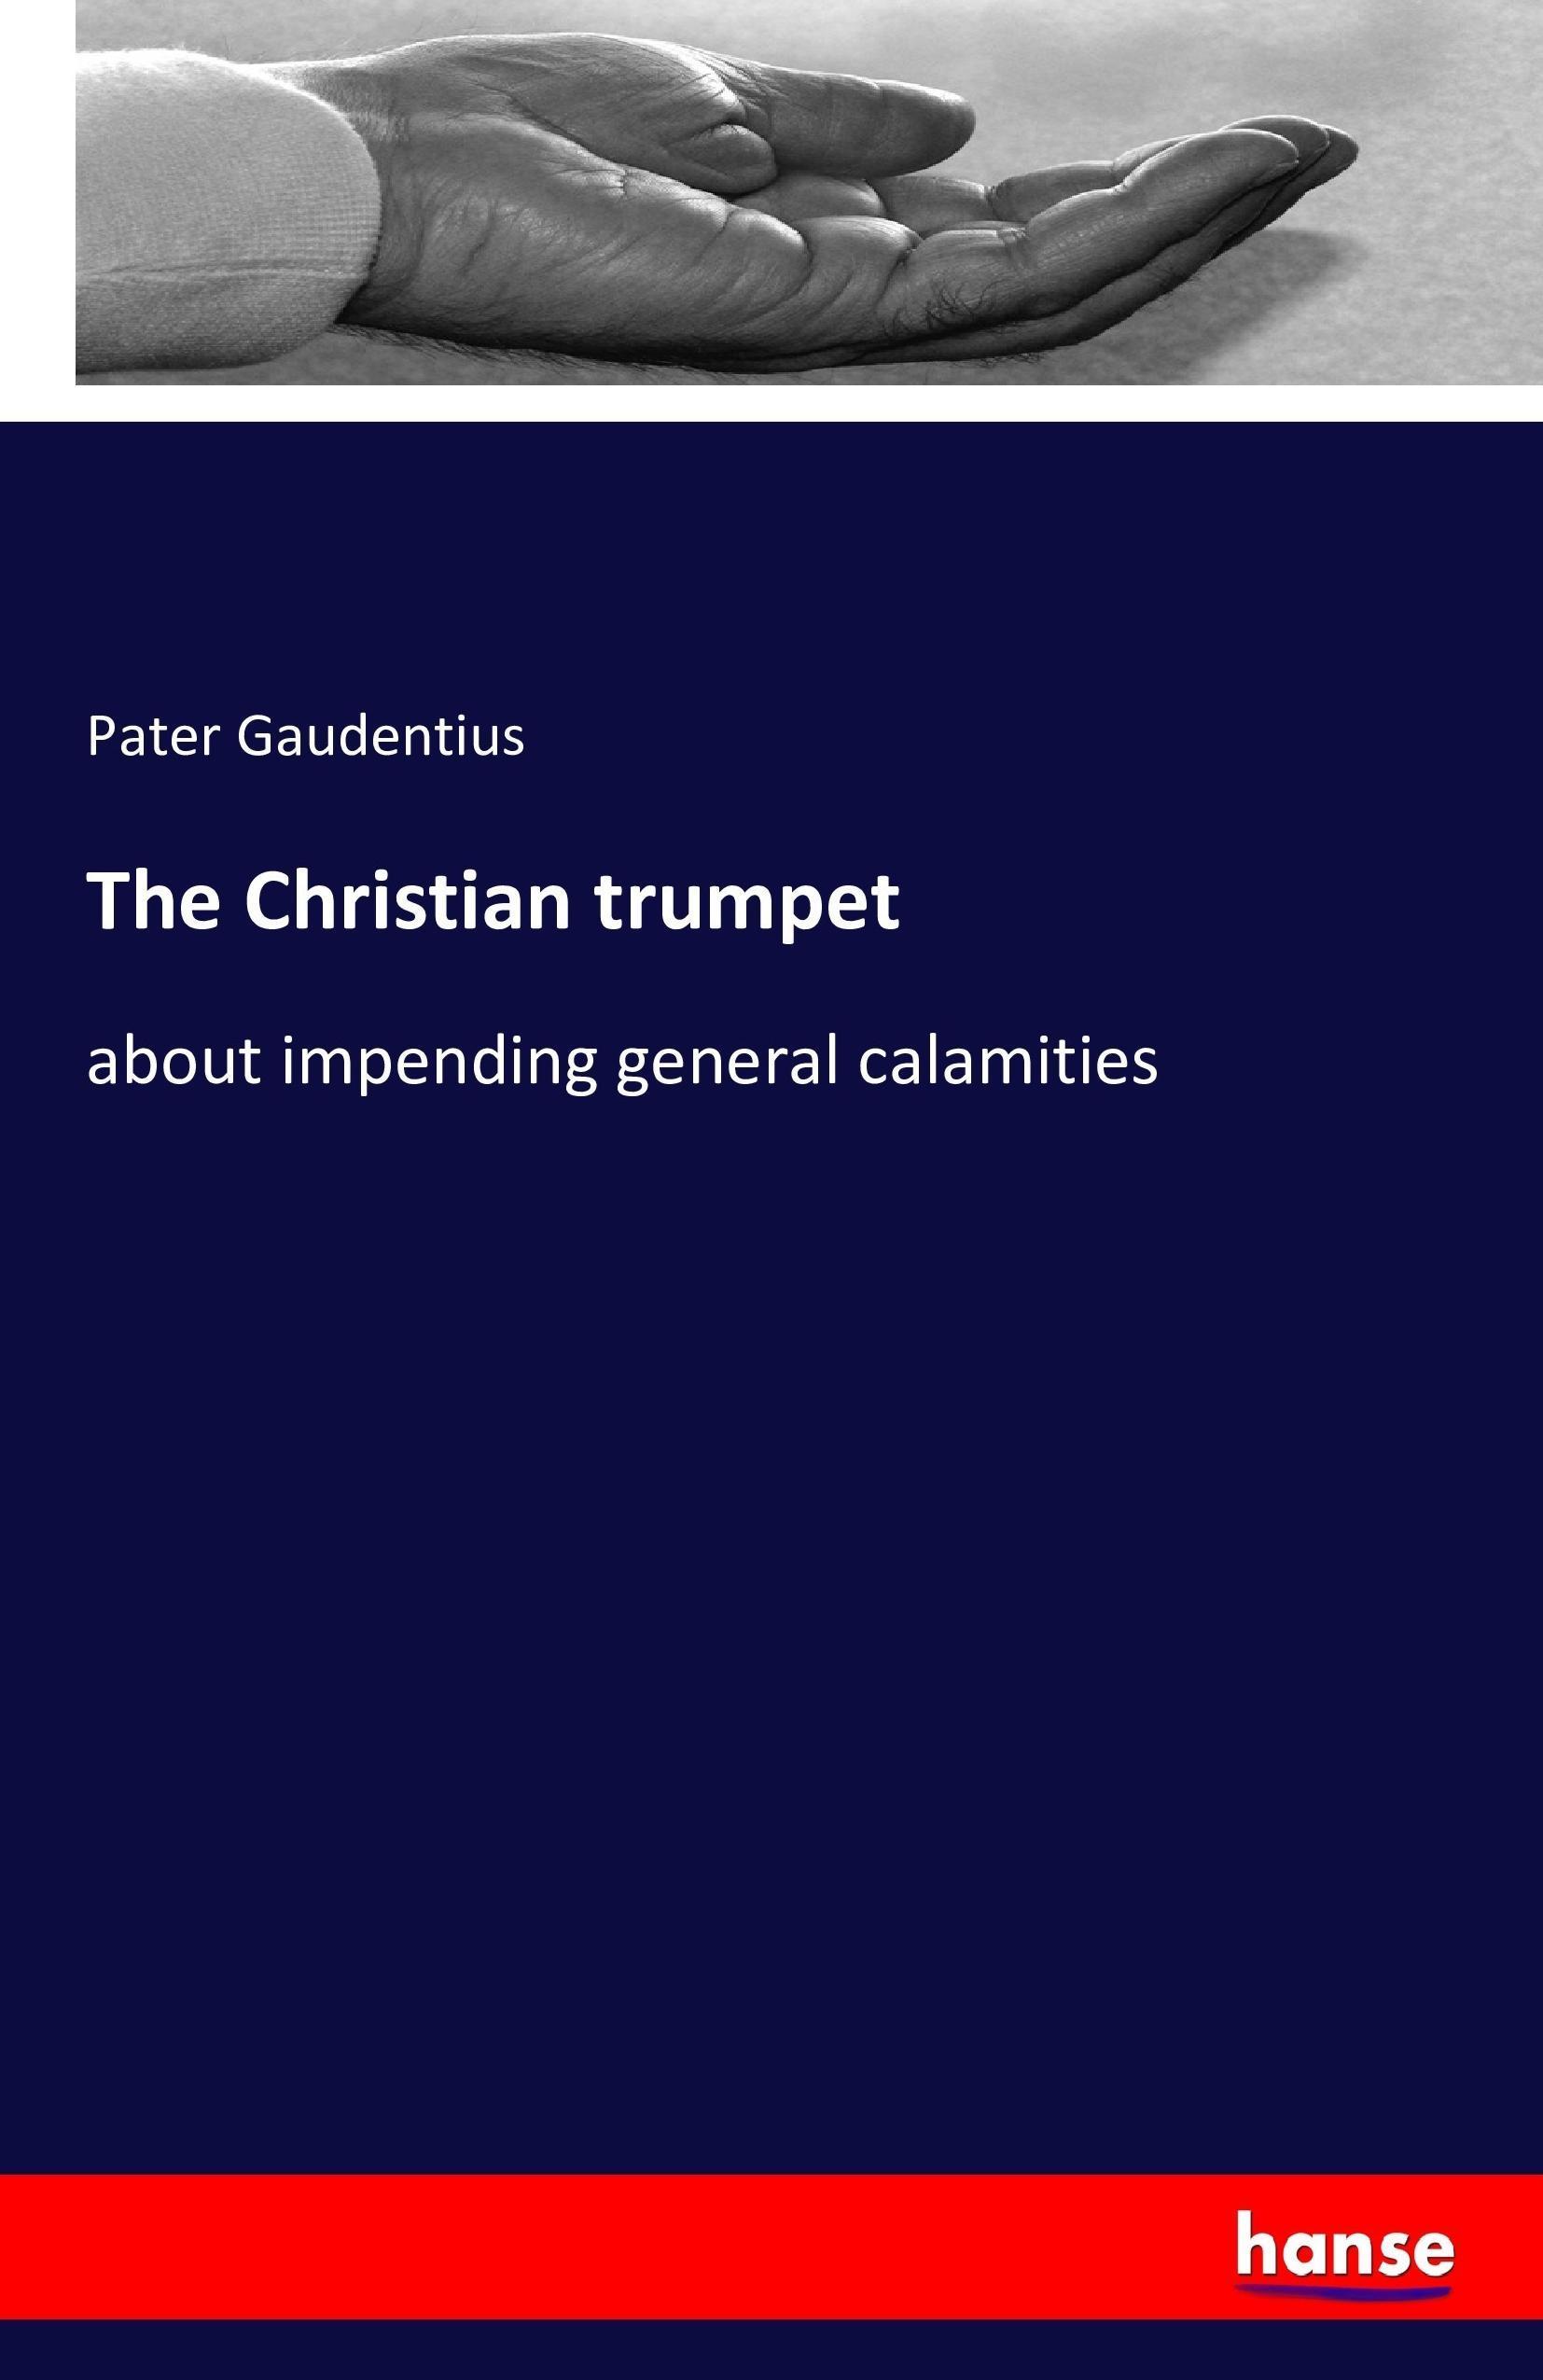 The Christian trumpet - Pater Gaudentius -  9783741156298